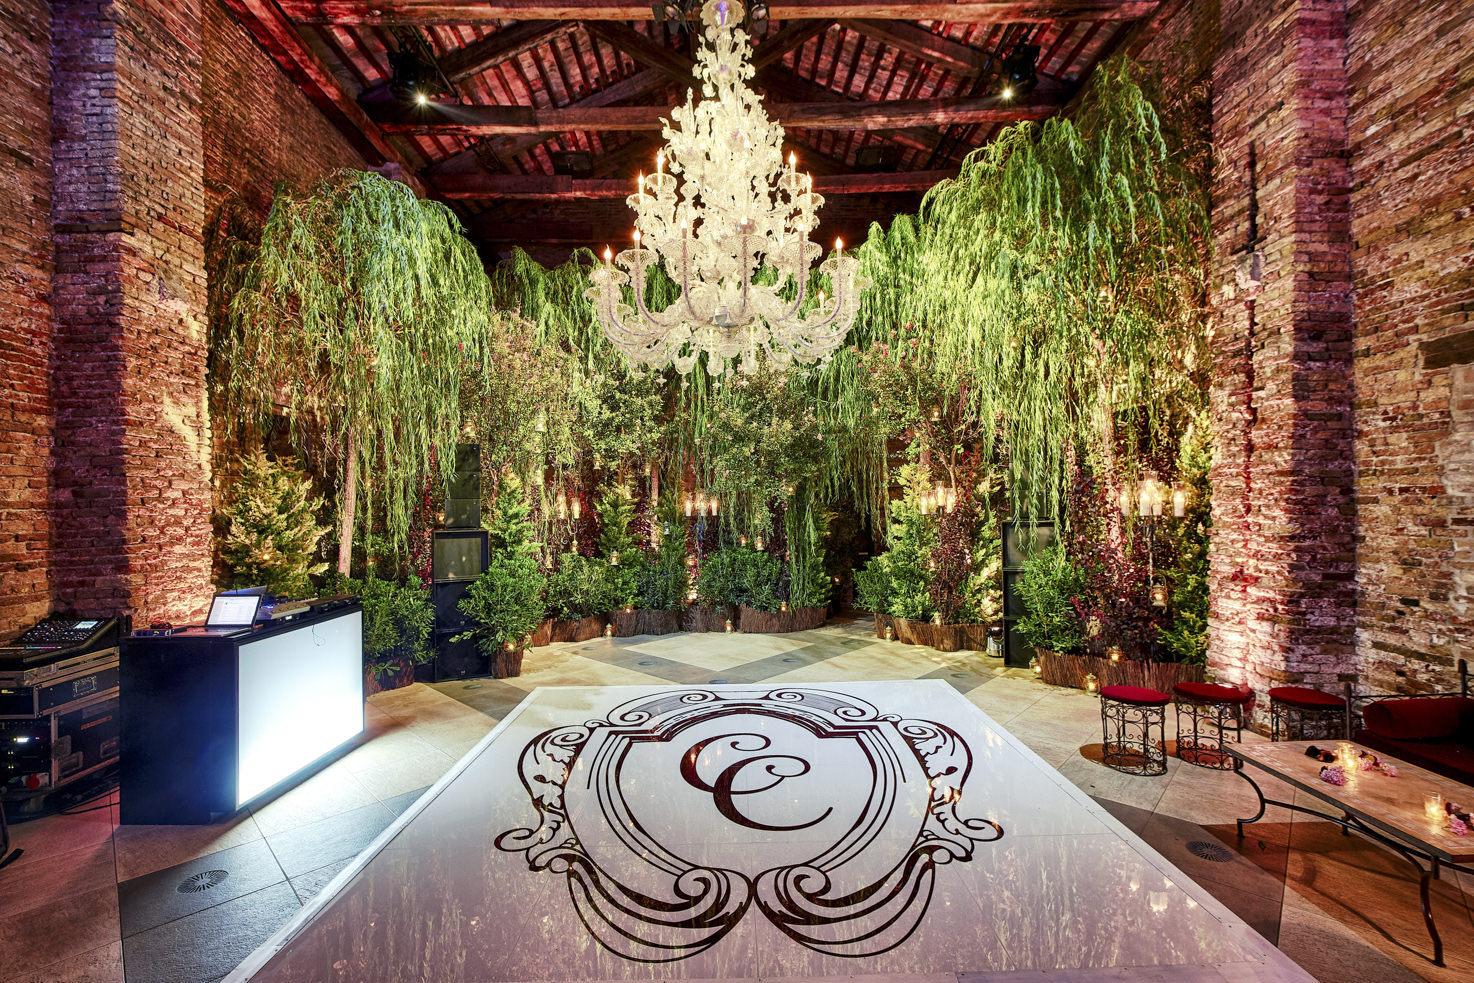 Dance floor with crystal chandelier